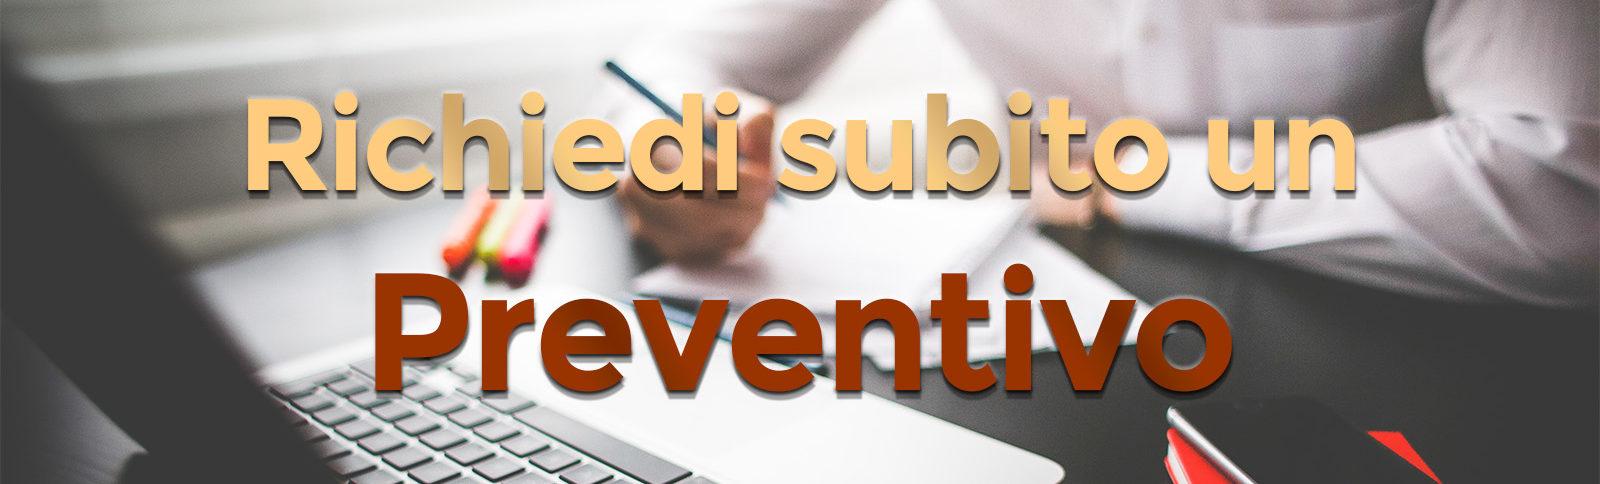 Richiedi preventivo online